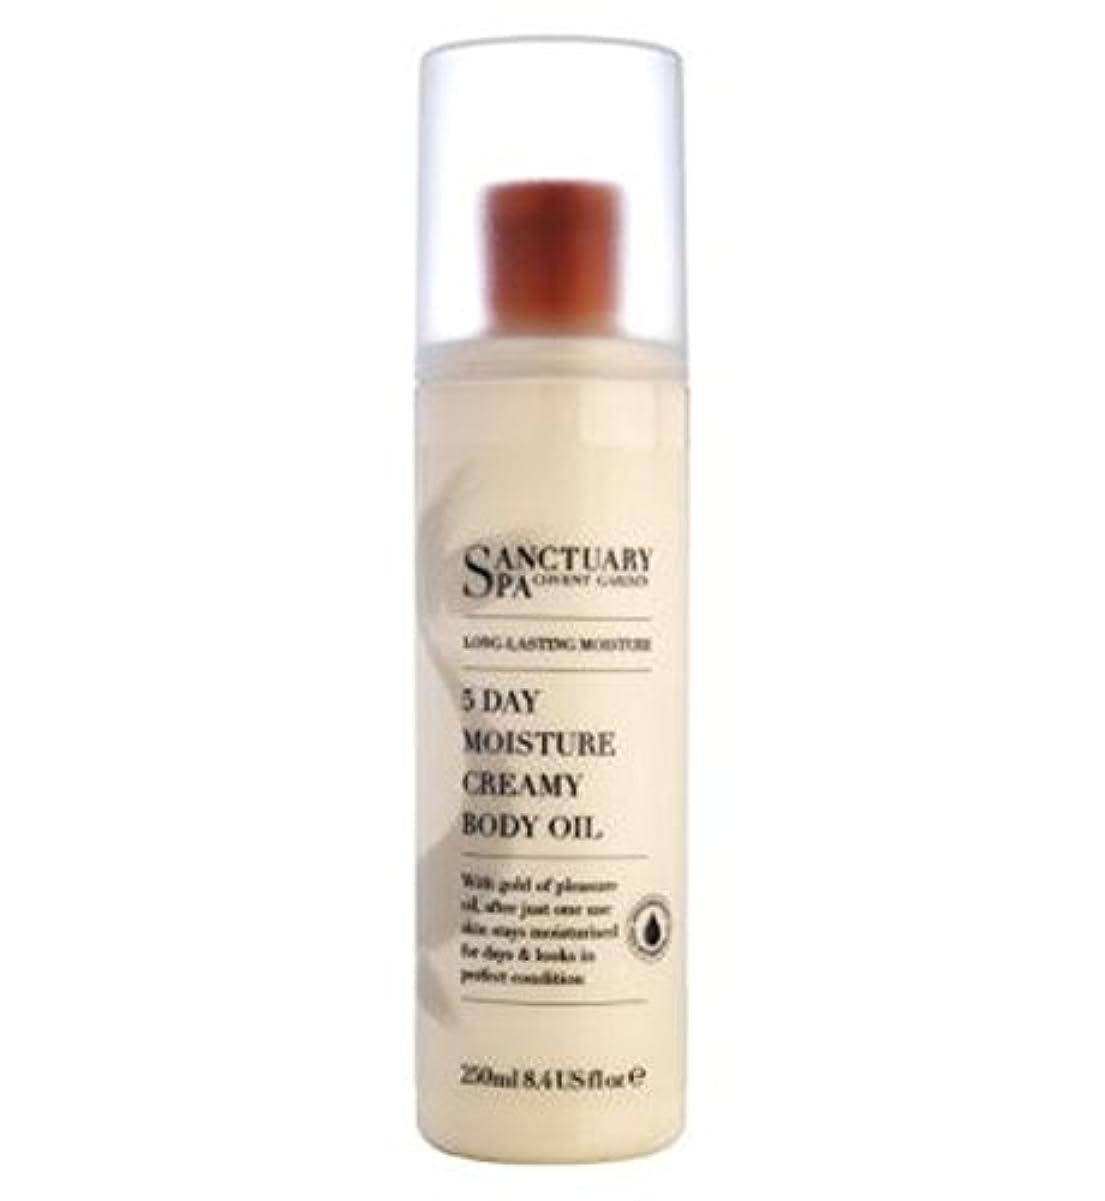 ワイド本を読む夢Sanctuary Long Lasting Moisture 5 Day Moisture Creamy Body Oil 250ml - 聖域長期的な水分5日間の水分クリーミーボディオイル250ミリリットル (Sanctuary...